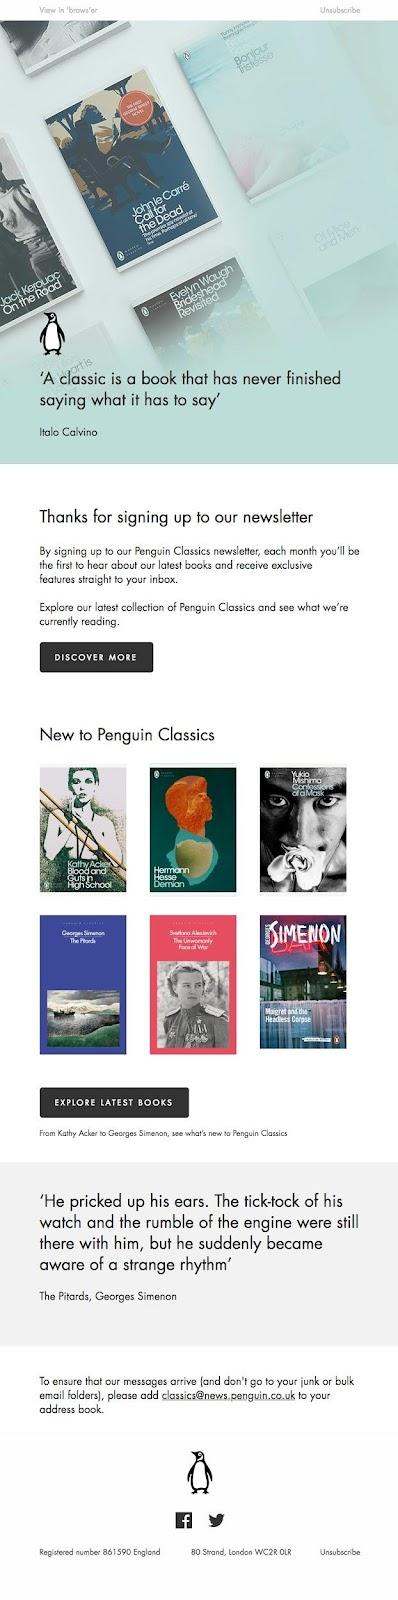 Penguin Classics example